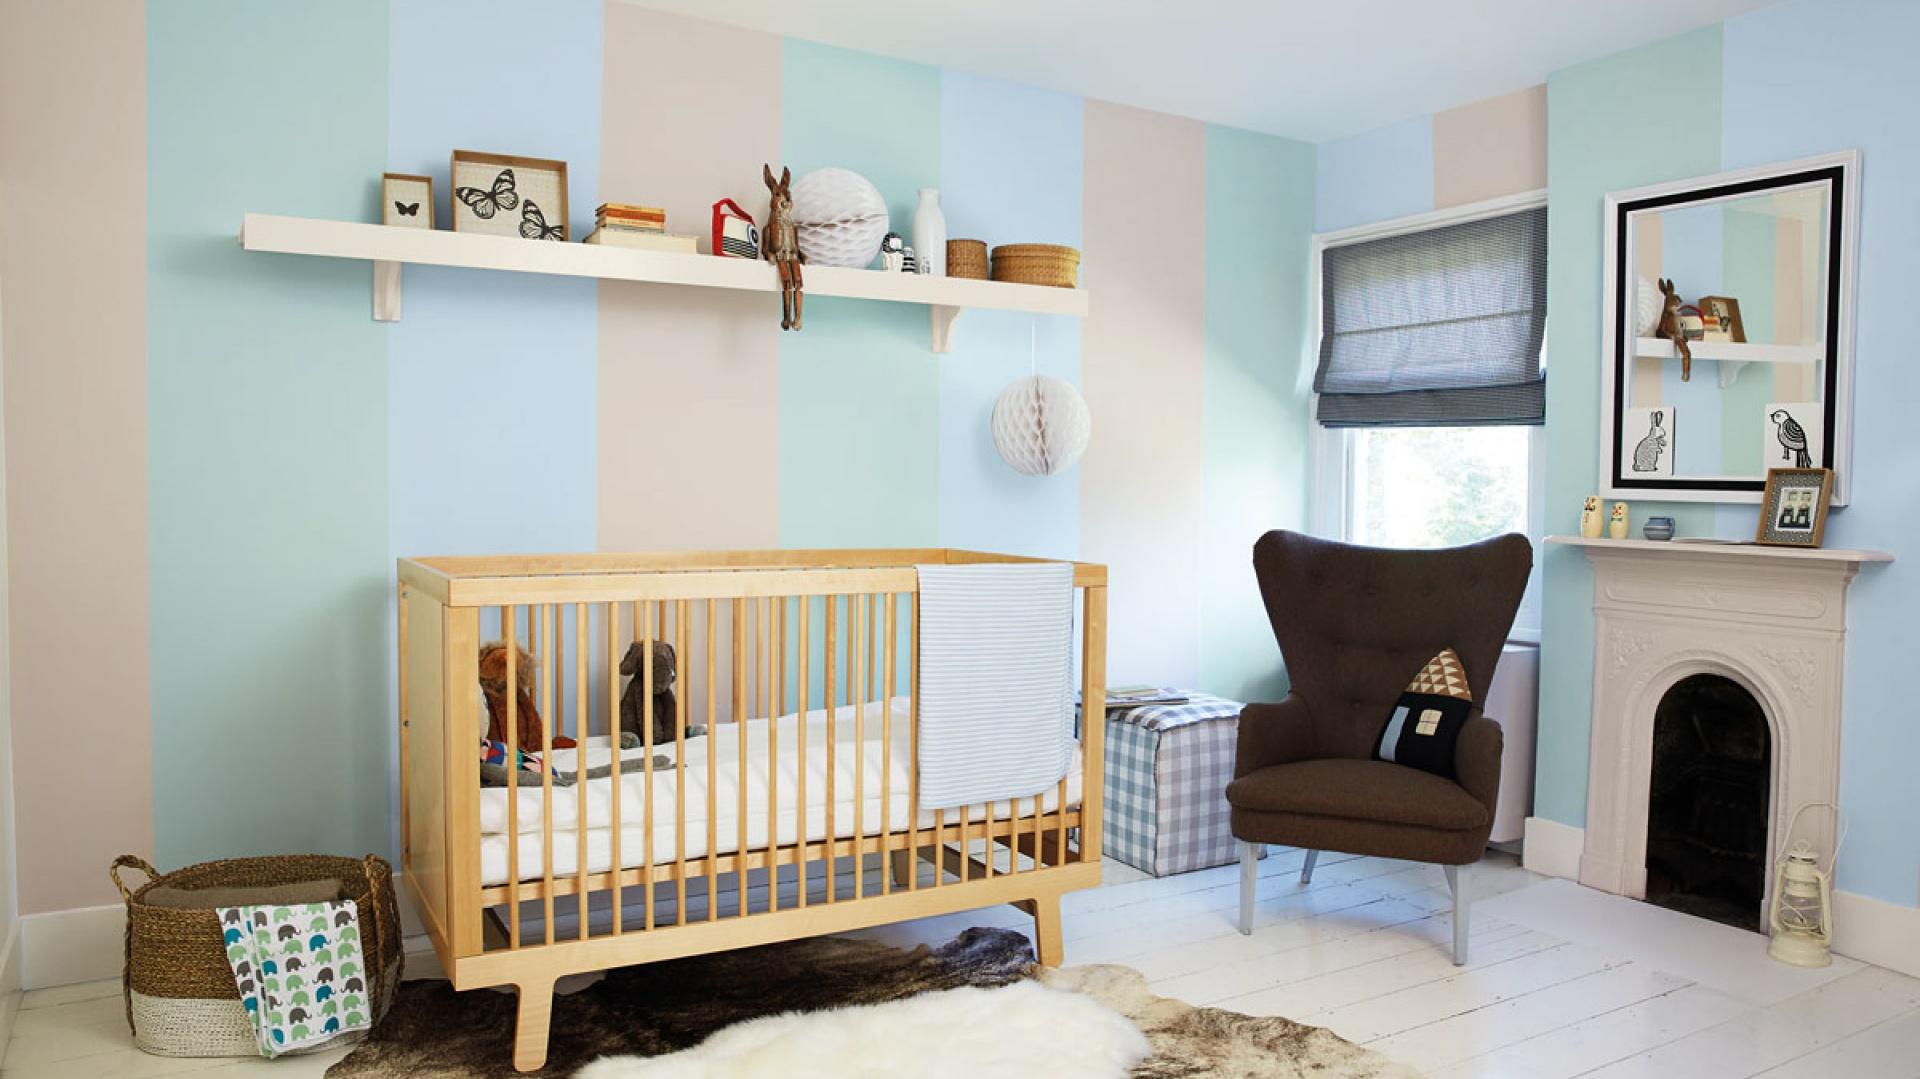 50b8a5c954a3e1 Pokój niemowlaka powinien mieć kolorowy, ale nie nazbyt krzykliwy.  Znakomicie sprawdzi się więc jasny